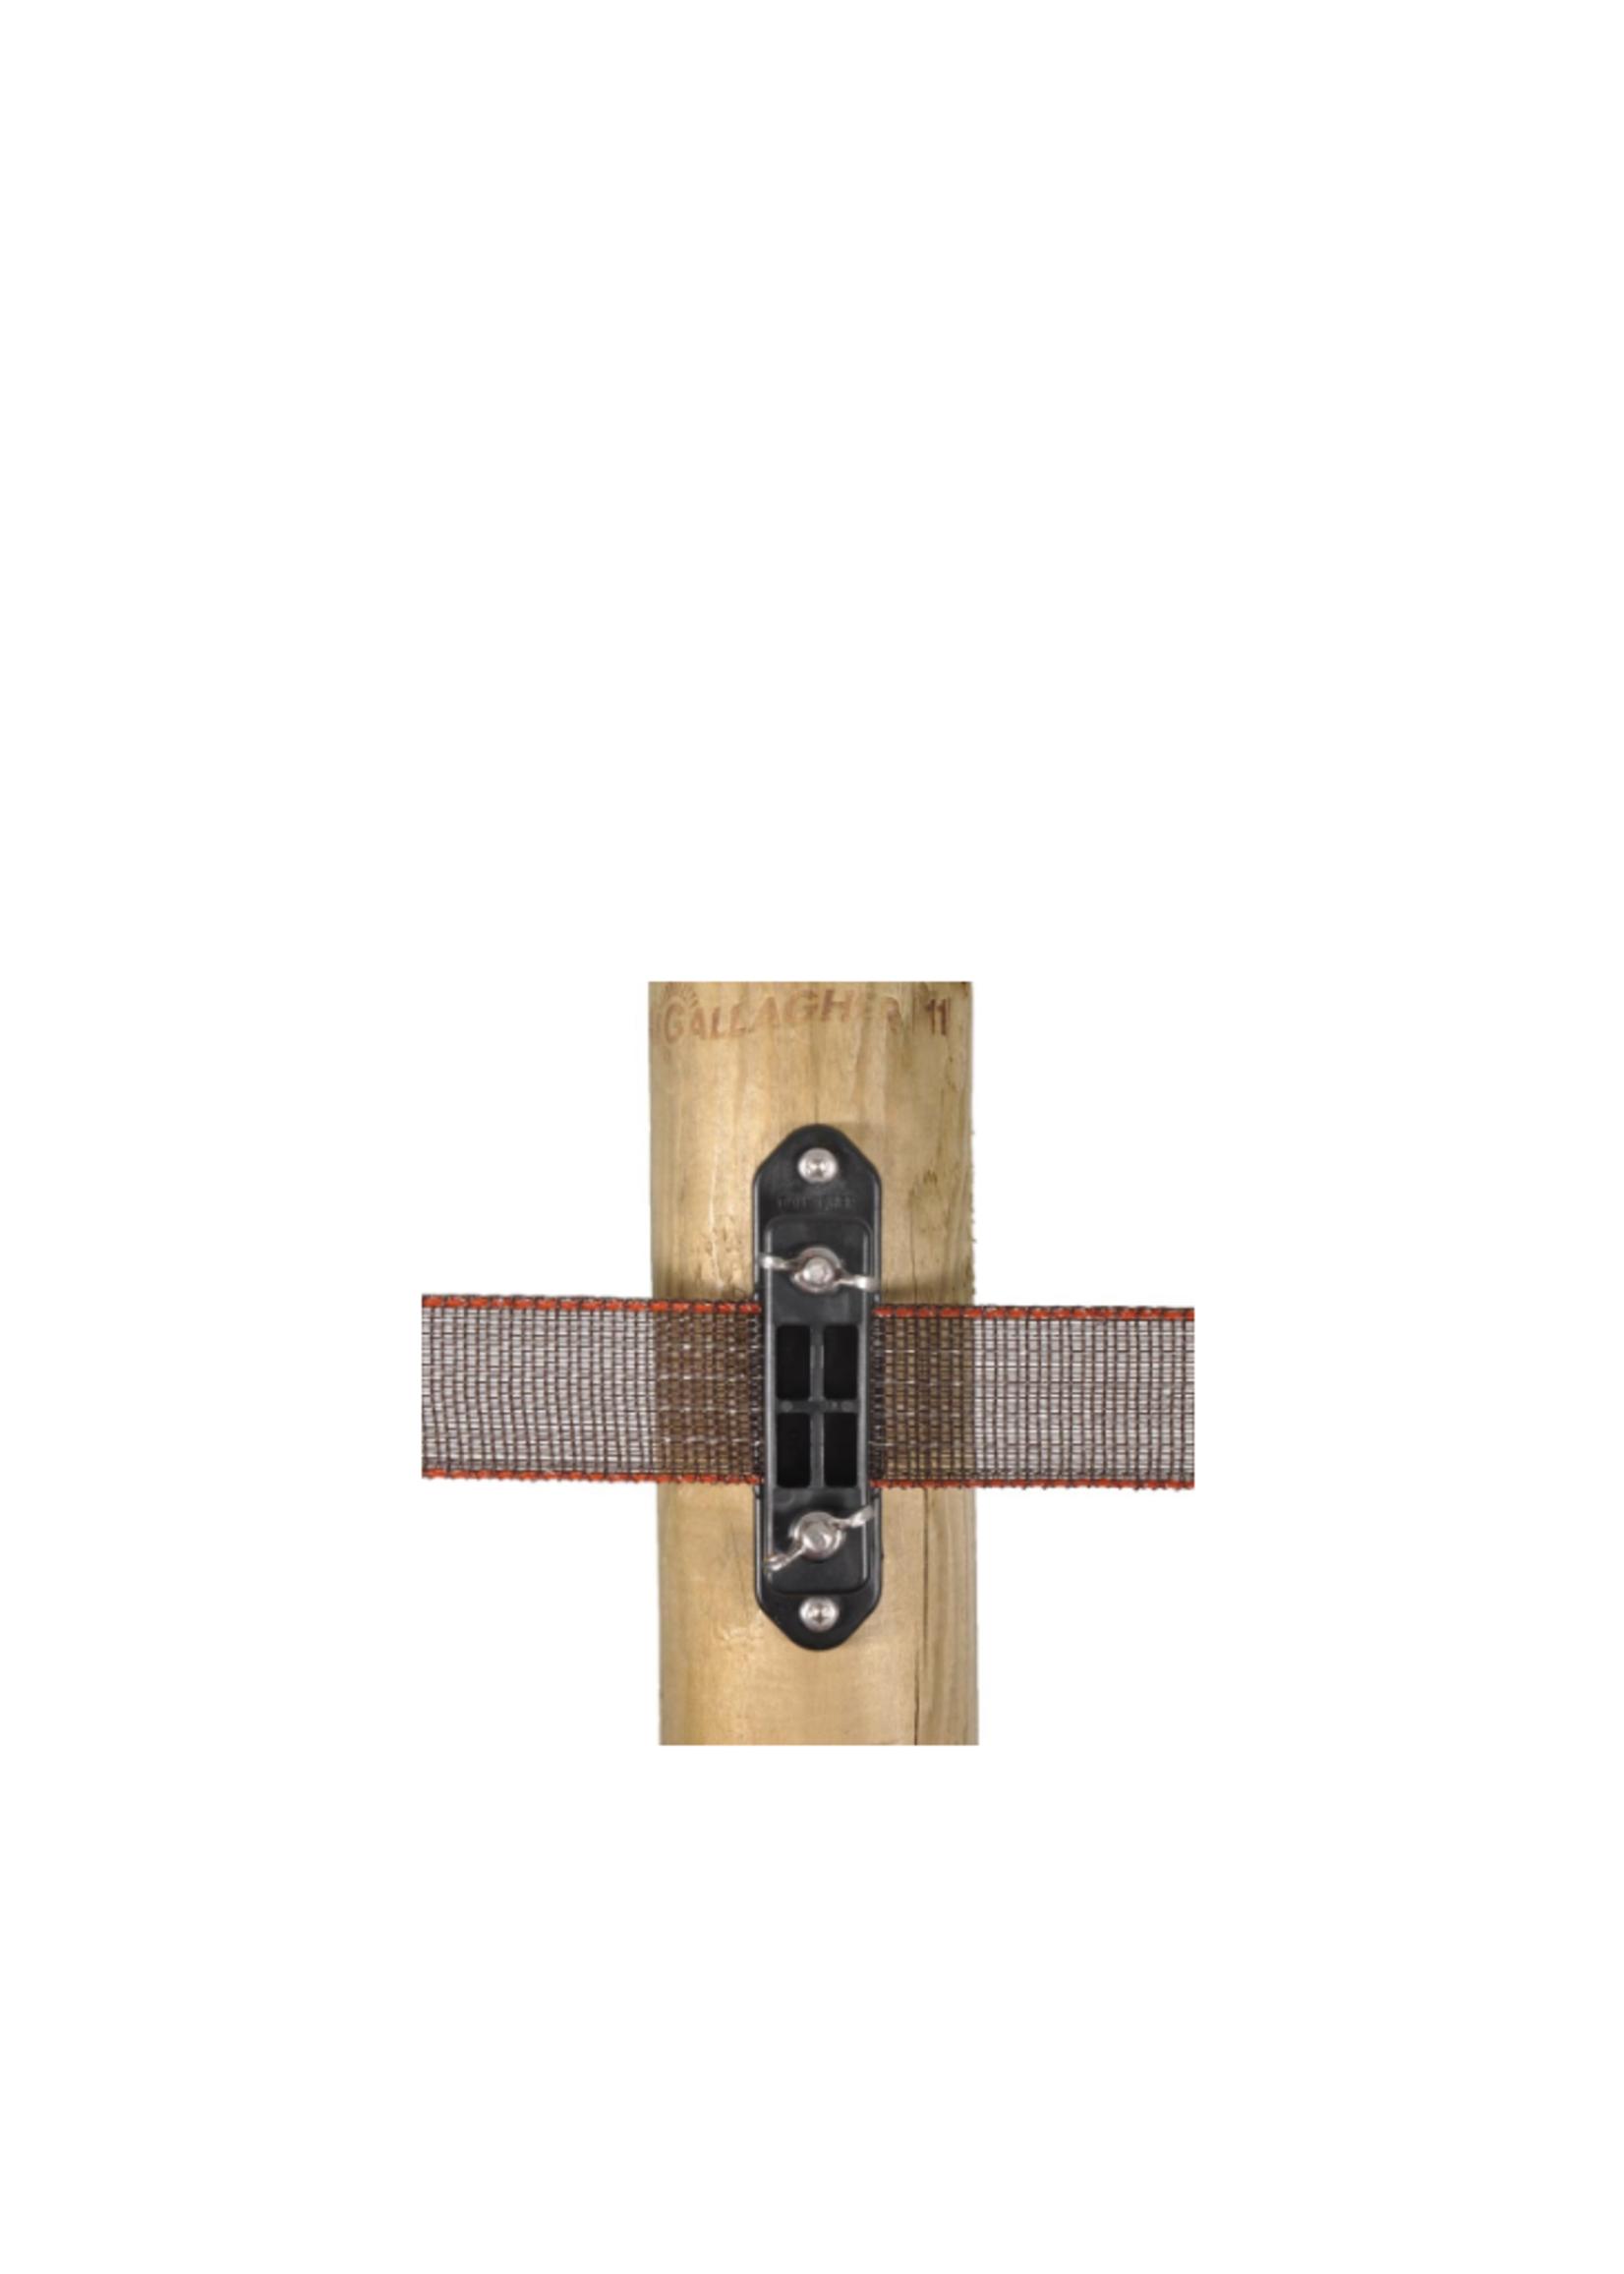 Gallagher Gallagher TurboLine hoekisolator met vleugelmoer (5 stuks)